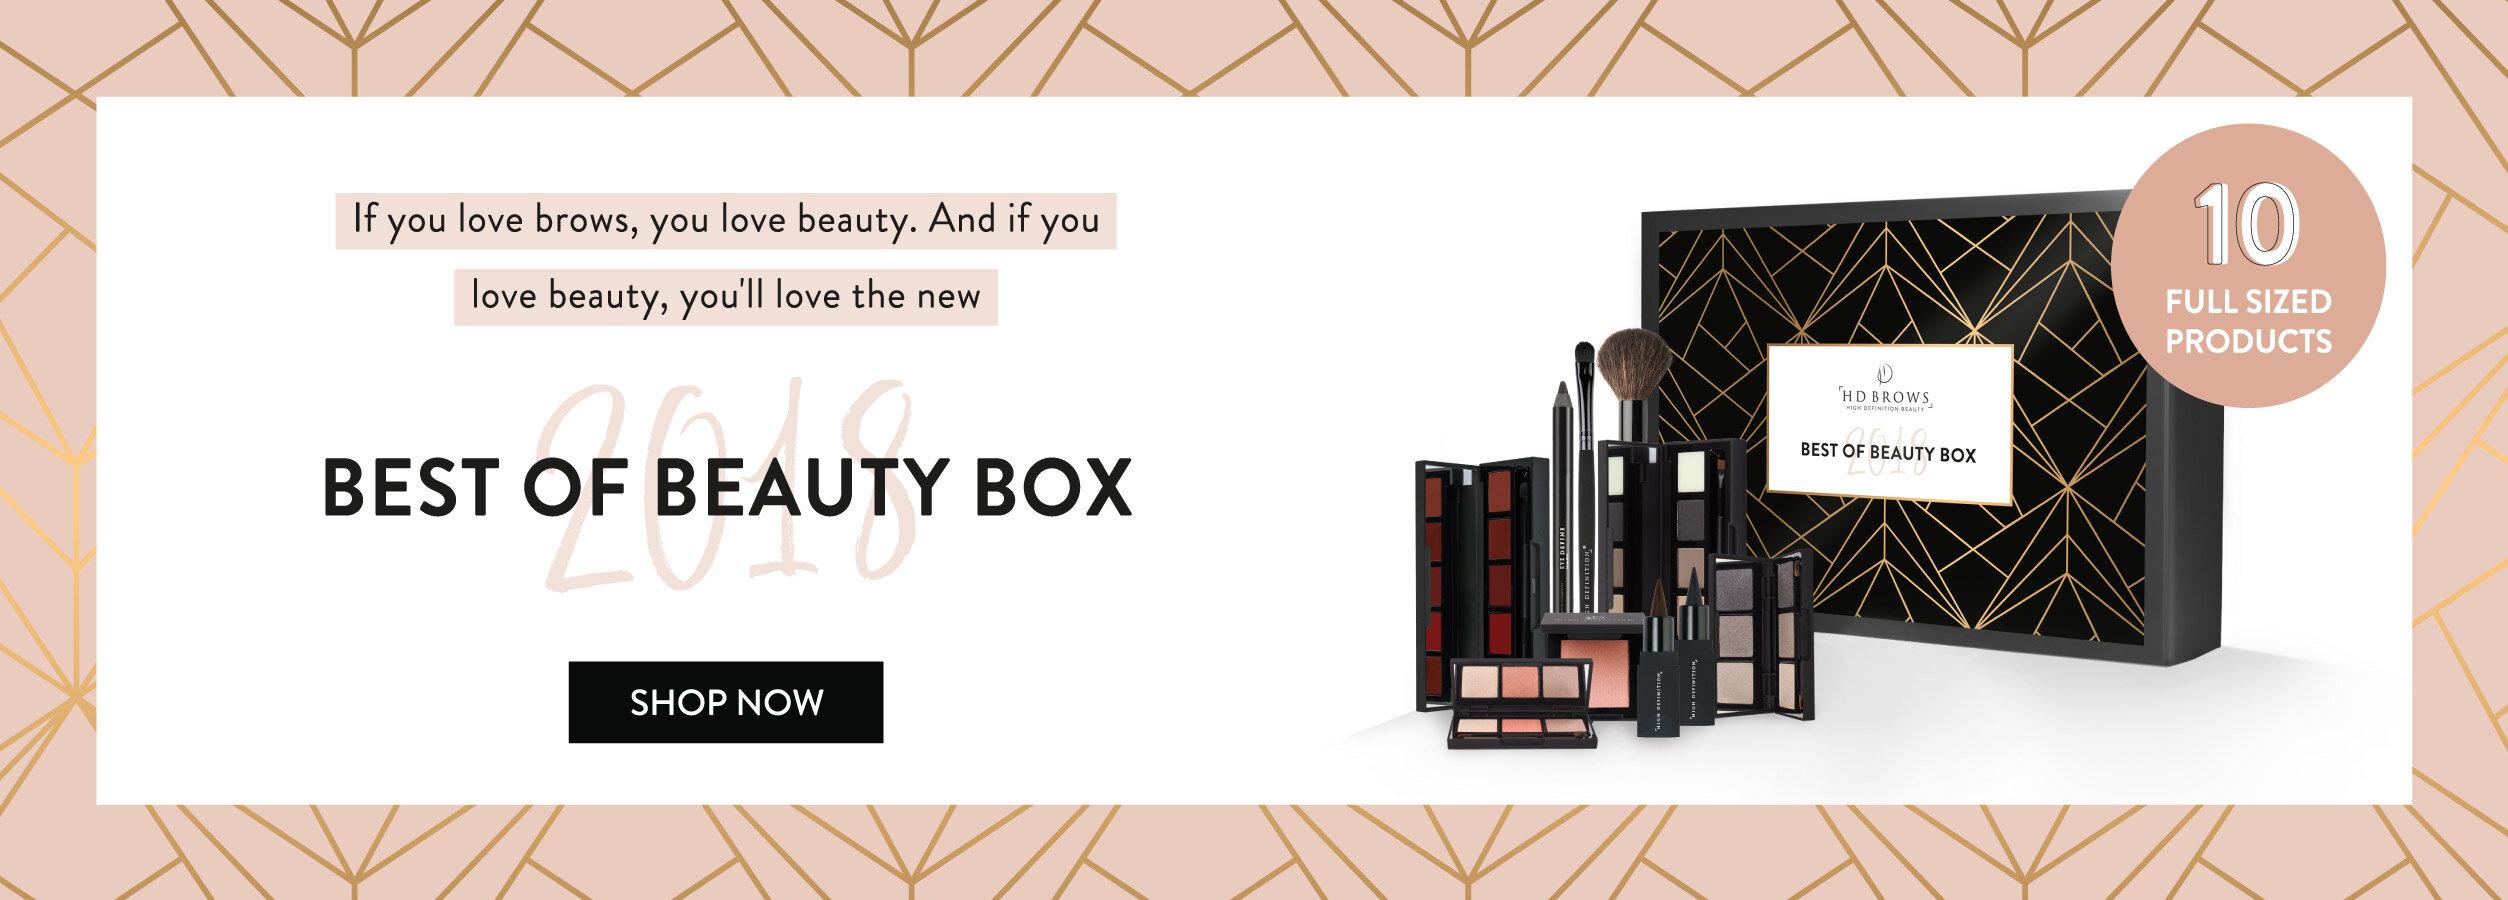 Best of Beauty box 2018